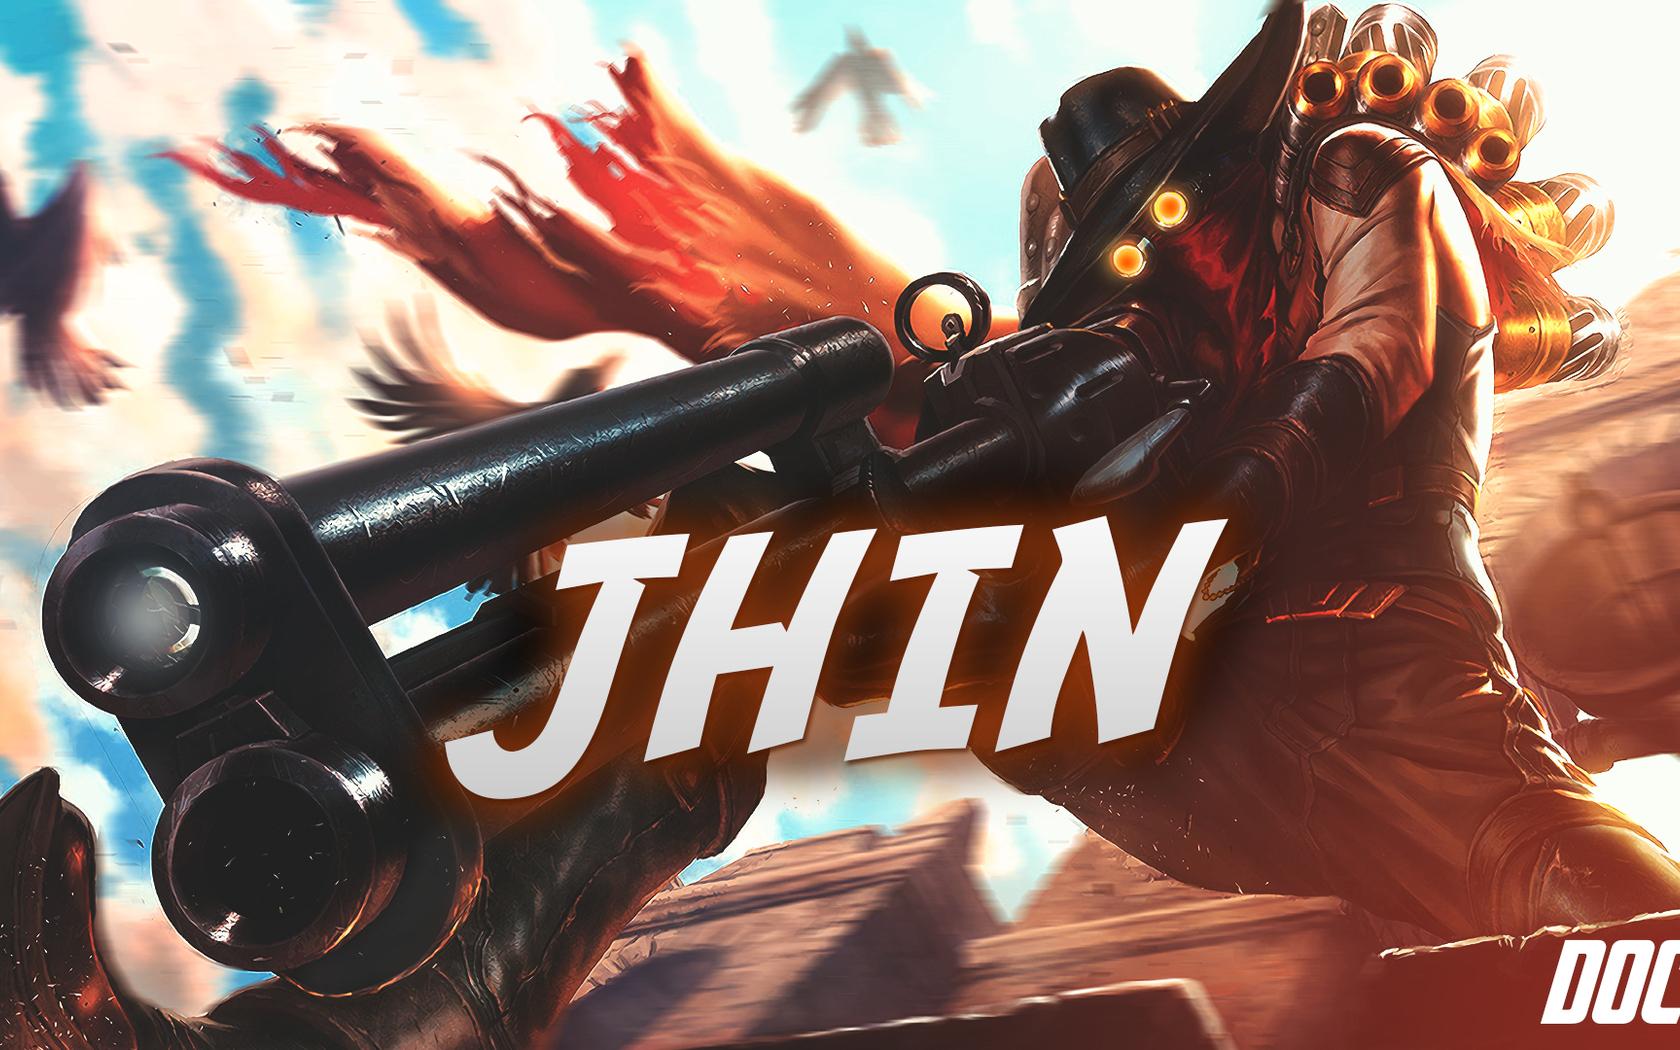 1680x1050 Jhin League Of Legends Artwork 1680x1050 Resolution Hd